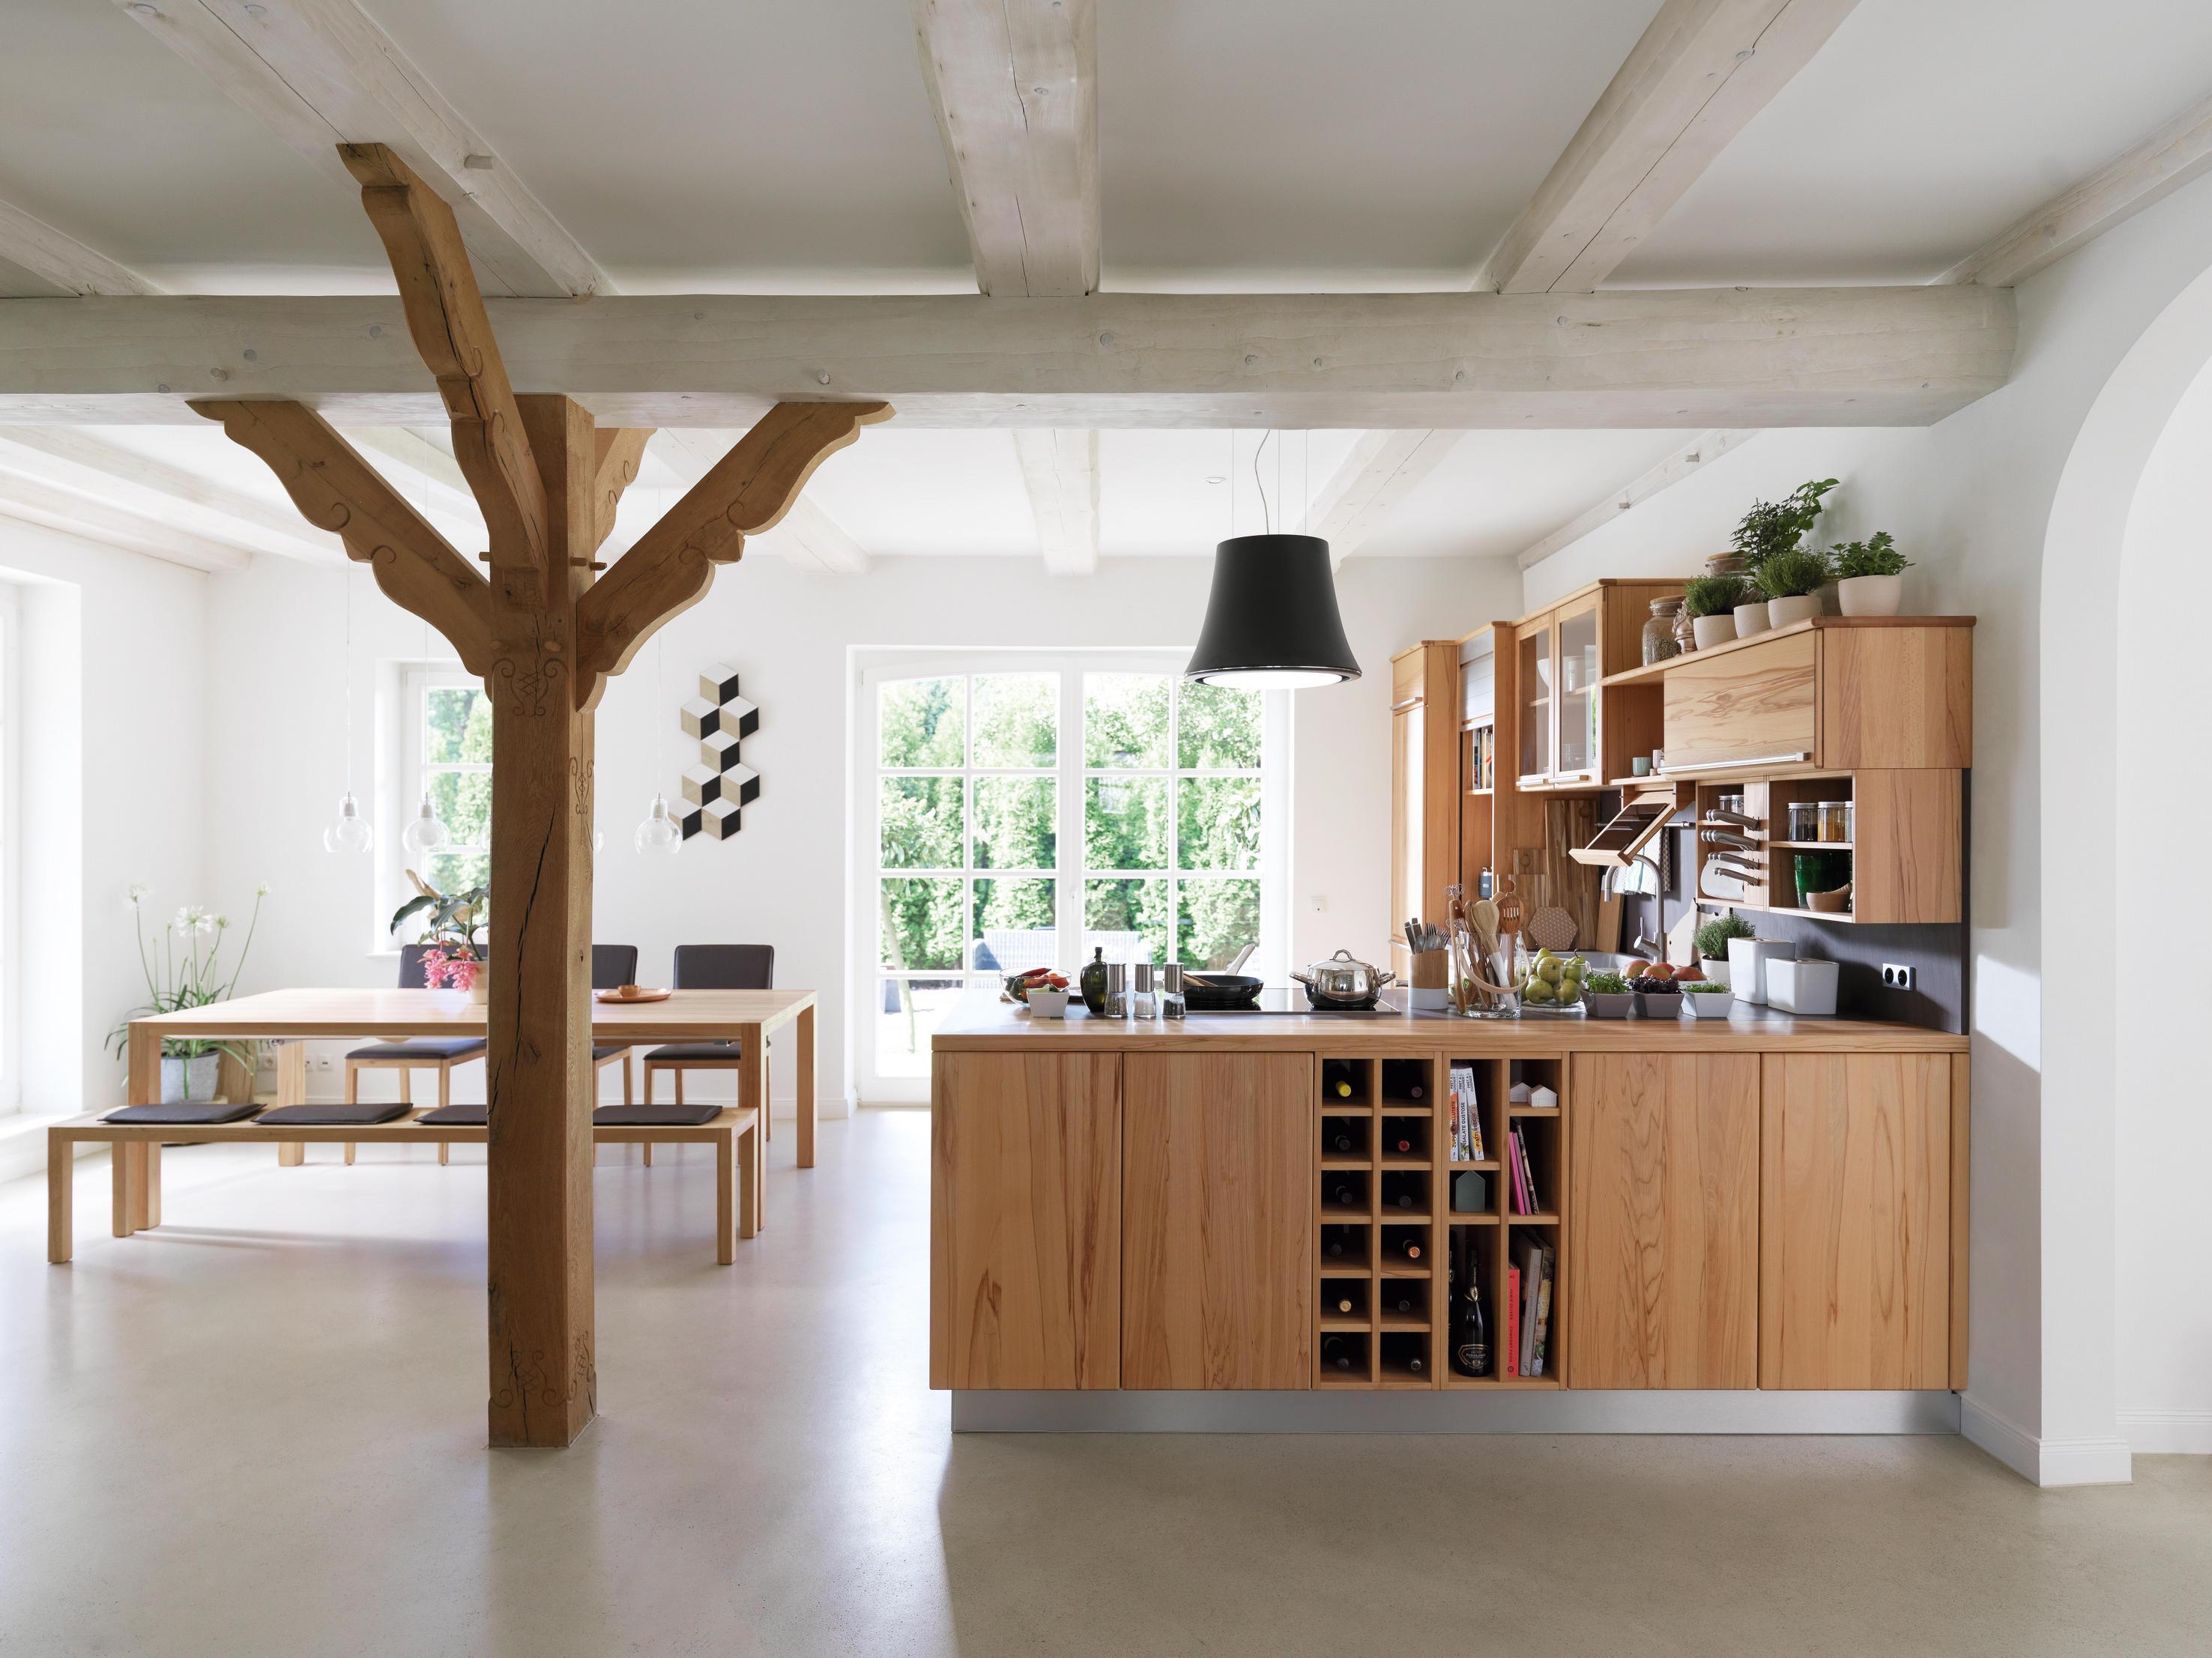 rondo kÜche - einbauküchen von team 7 | architonic